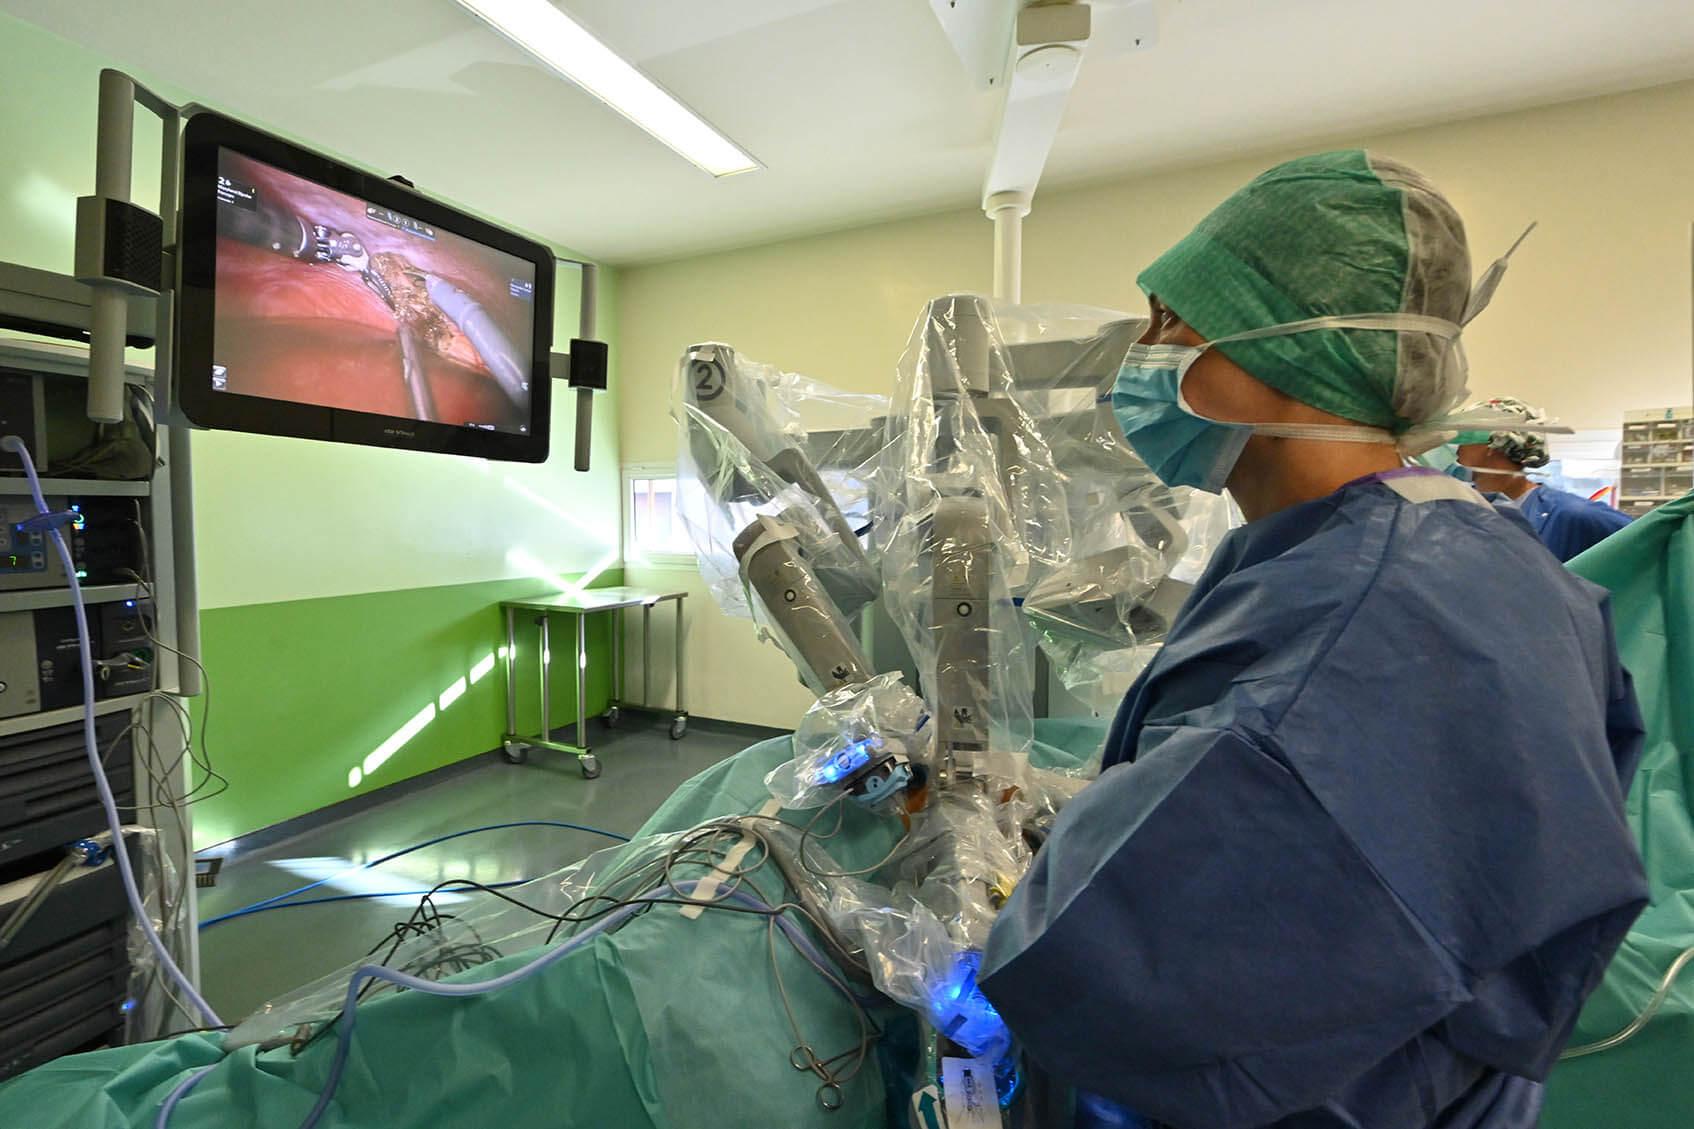 Chirurgie endométriose robotique